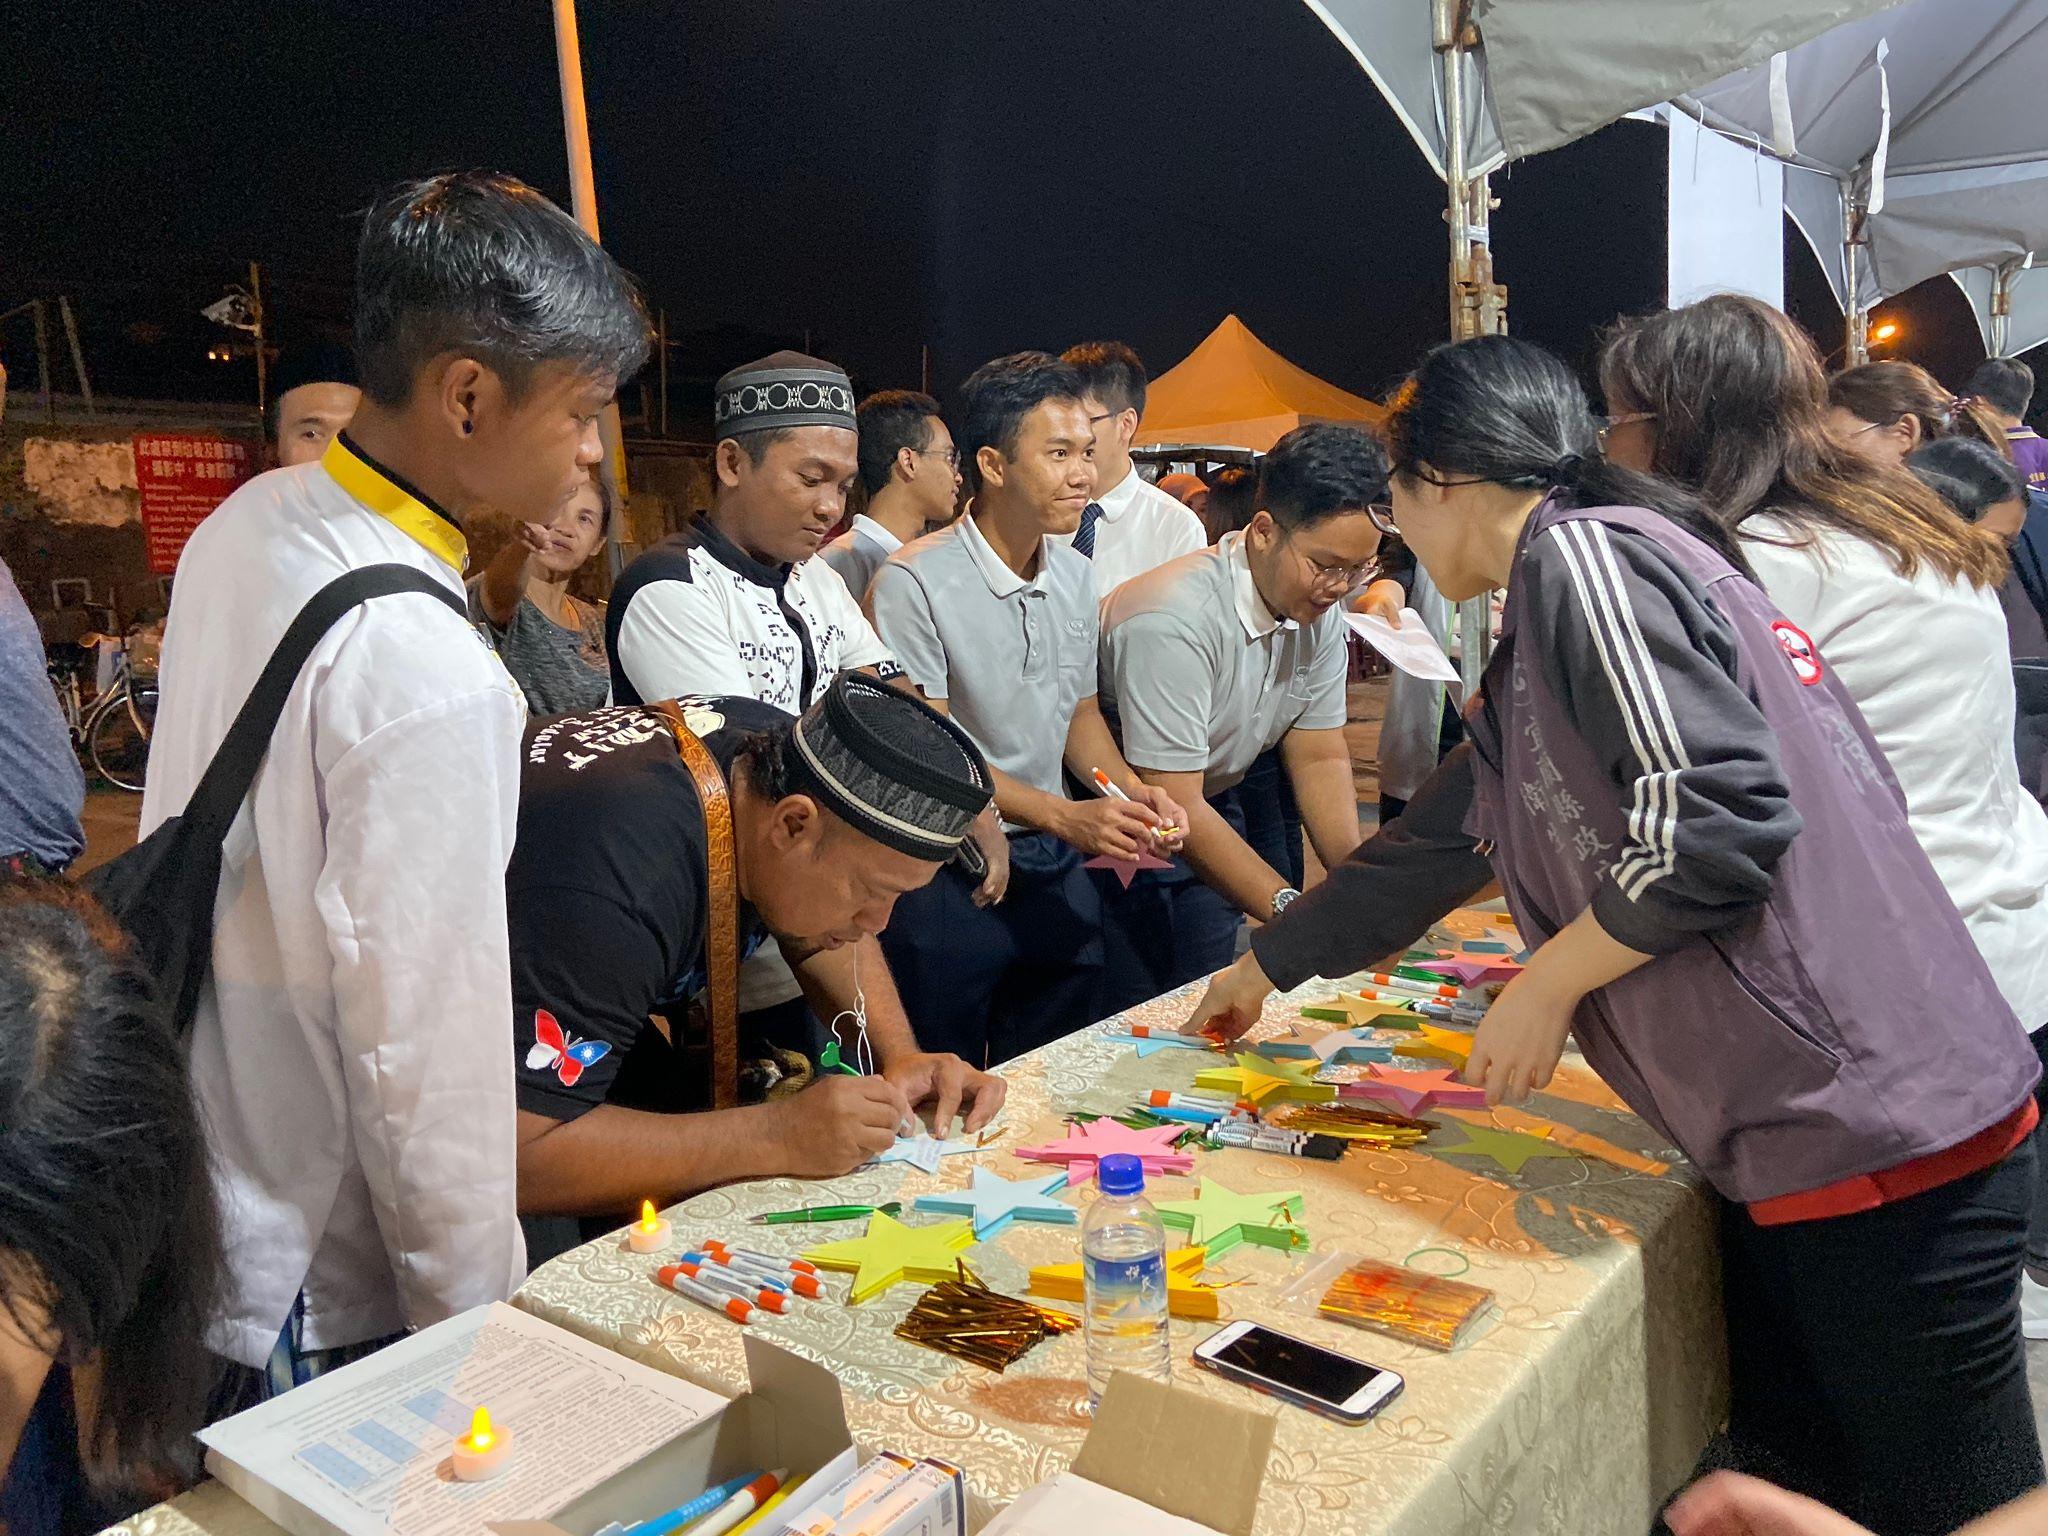 印尼籍學生手寫心安小卡,表達關懷。